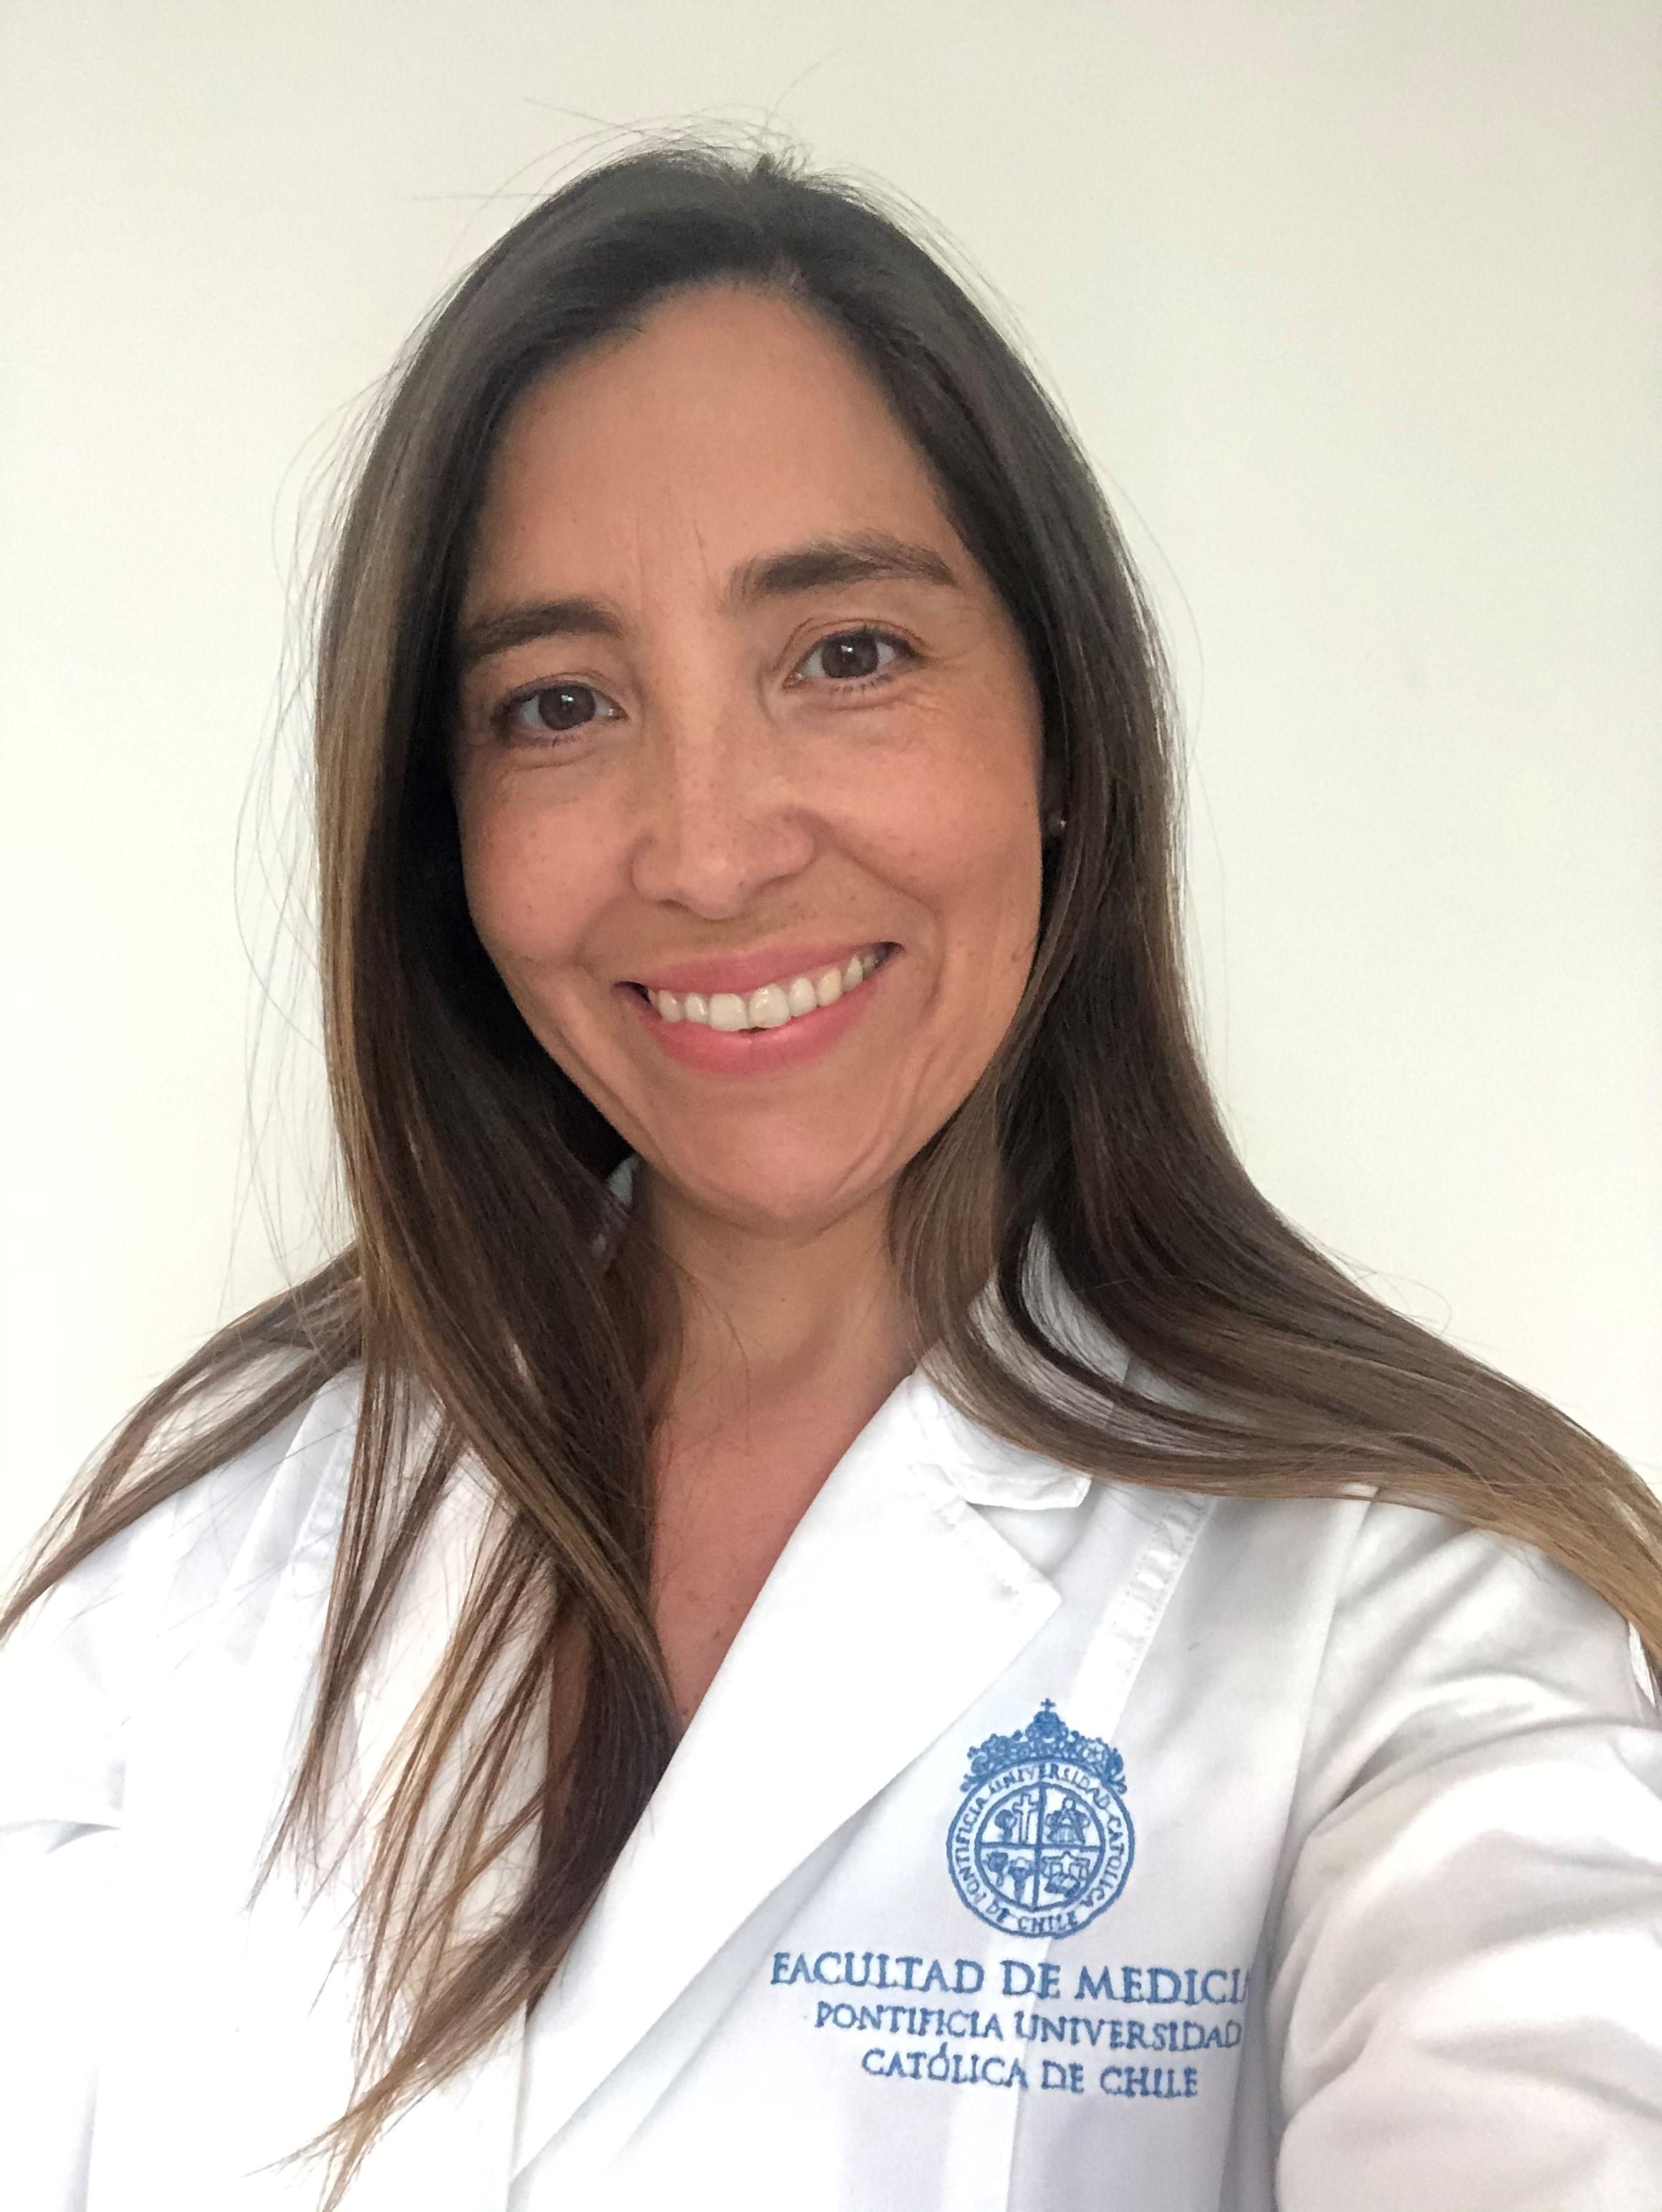 FRANCISCA CAROLINA ARANCIBIA HENRIQUEZ